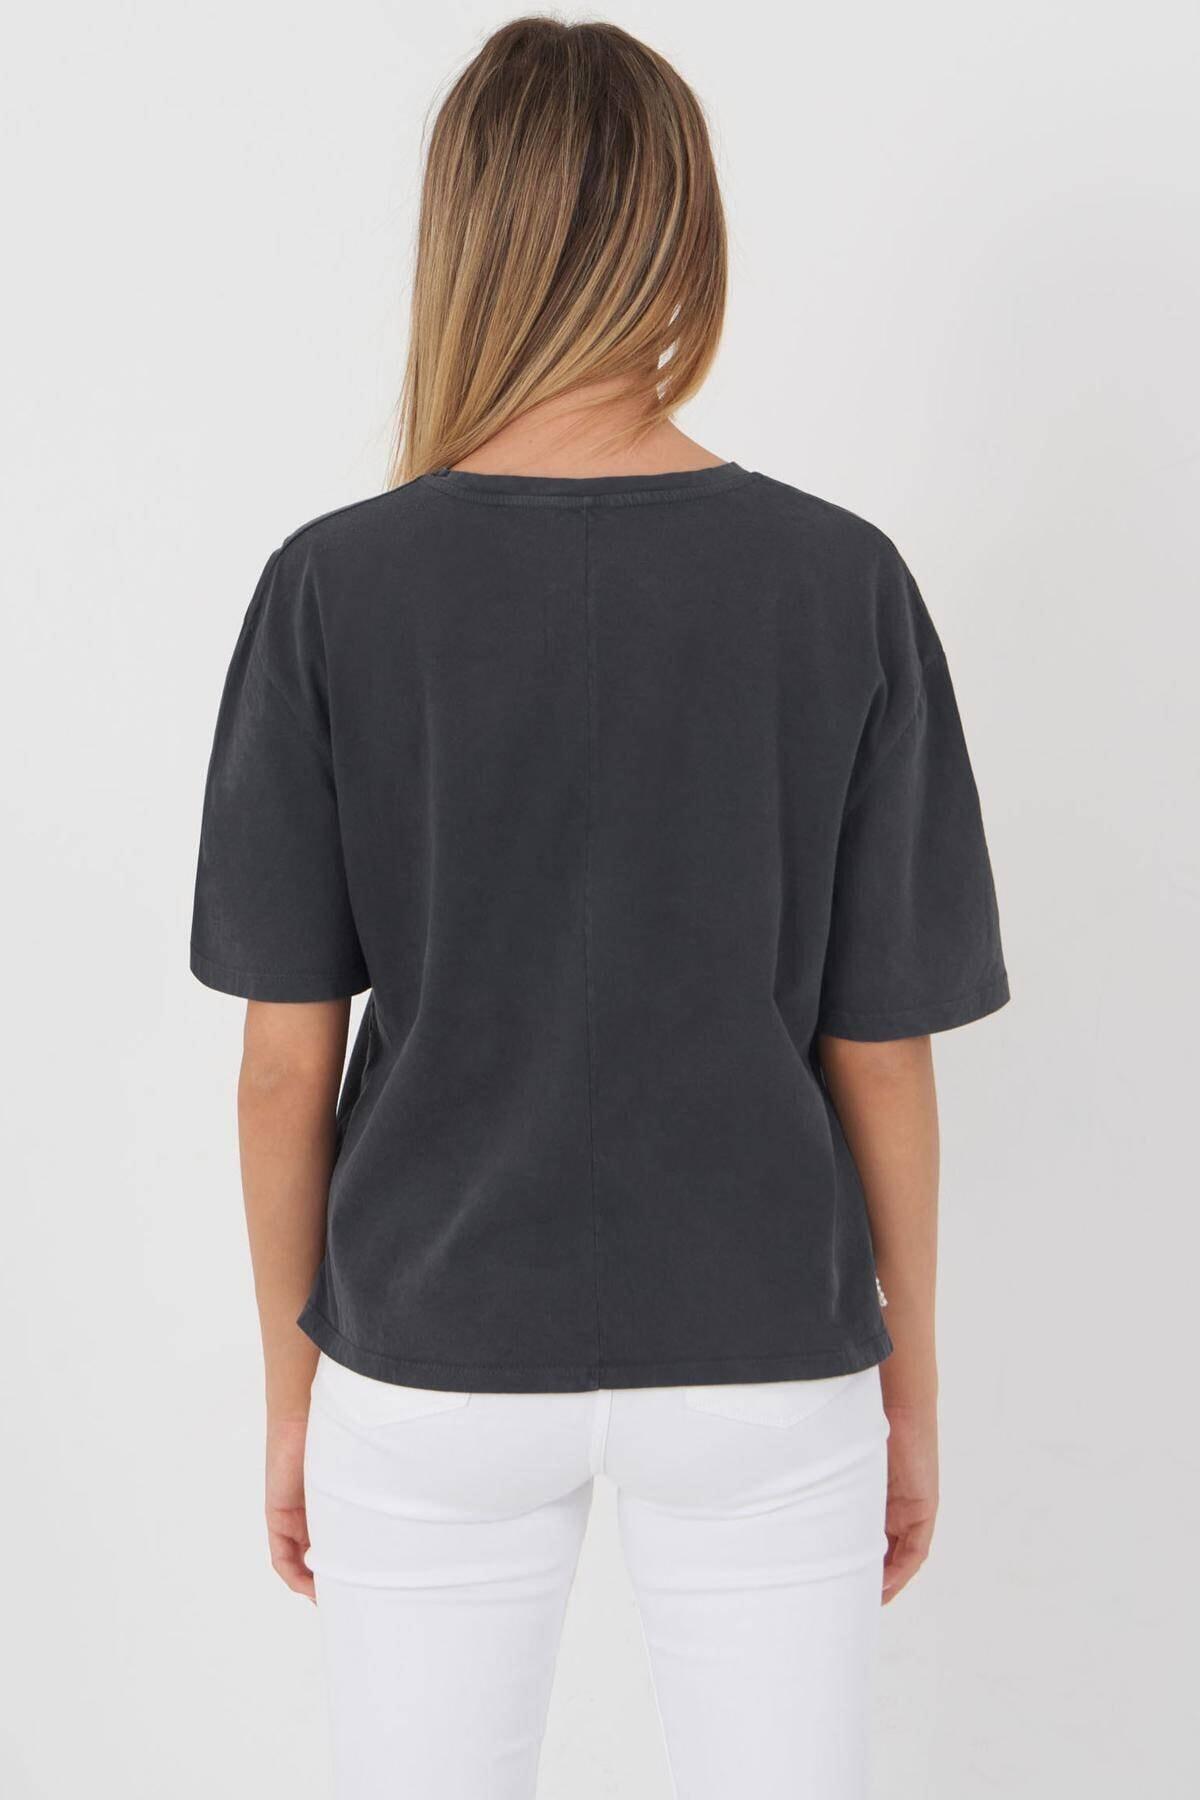 Addax Kadın Füme Boncuk Detaylı Tişört P12236 - T10 Adx-0000023903 4